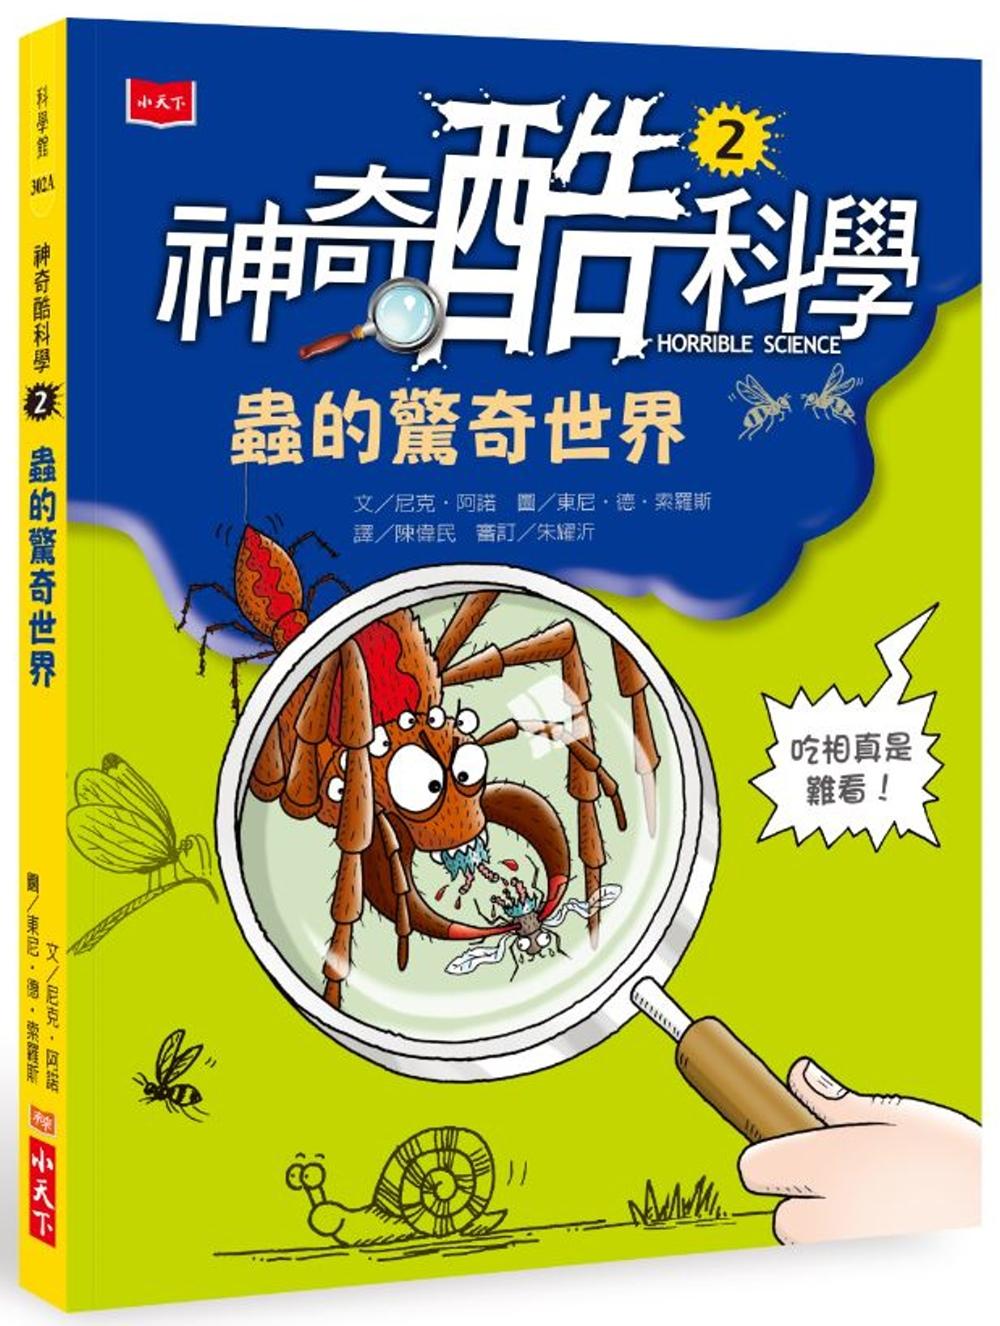 神奇酷科學2:蟲的驚奇世界